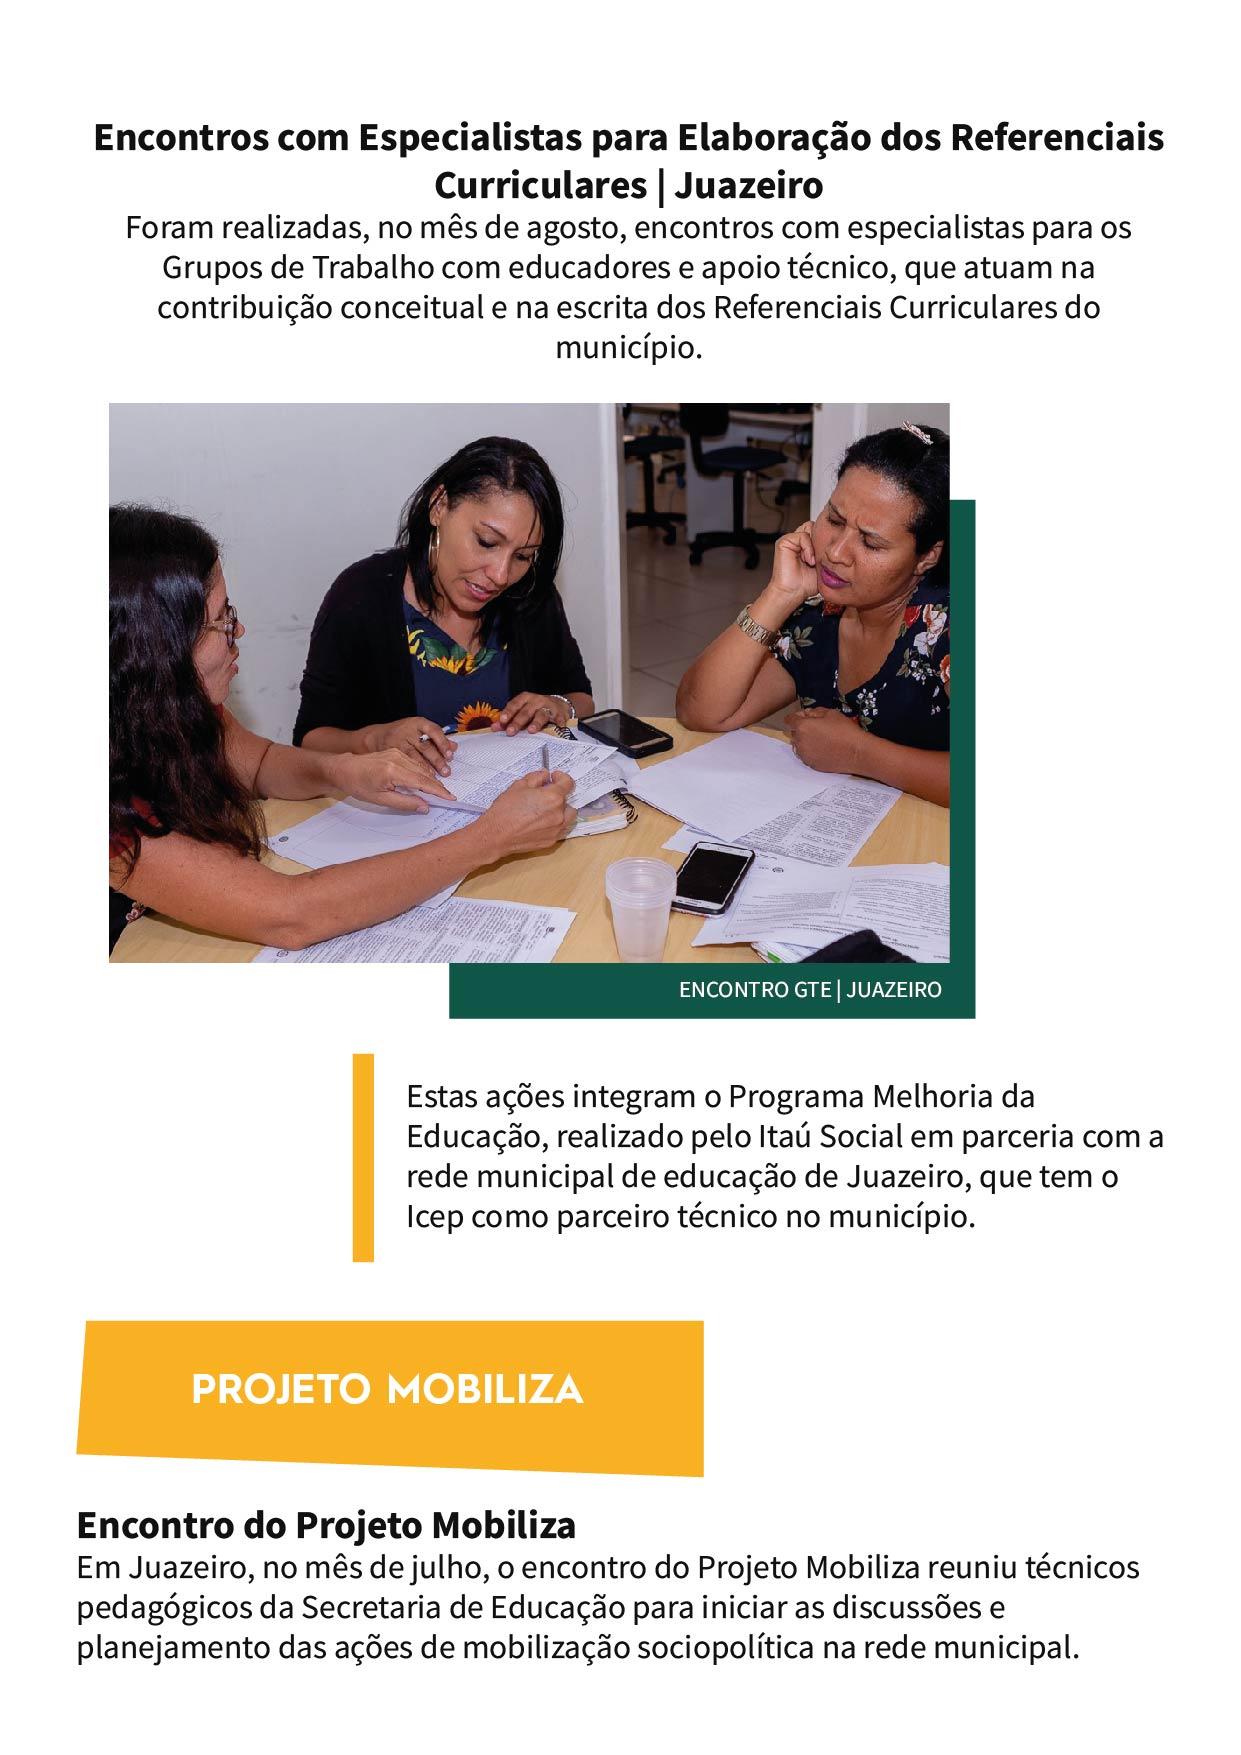 ICEP - Boletim edição 2, versão web 2_Campanhas e mobilizações